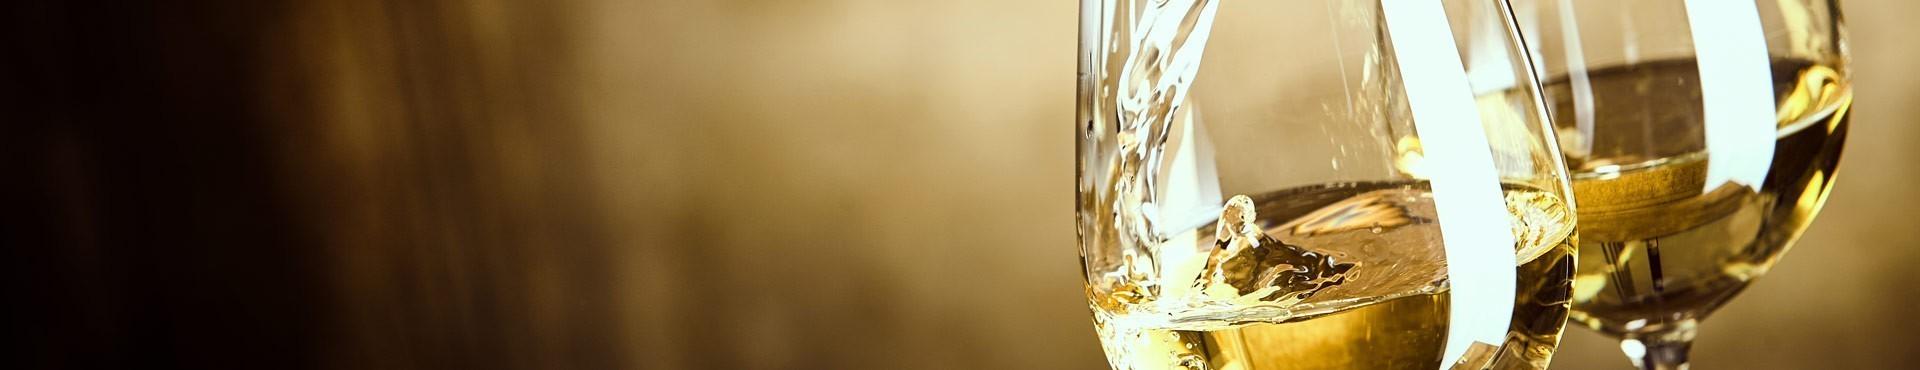 Nos vins blancs du Sud Ouest - OnWine